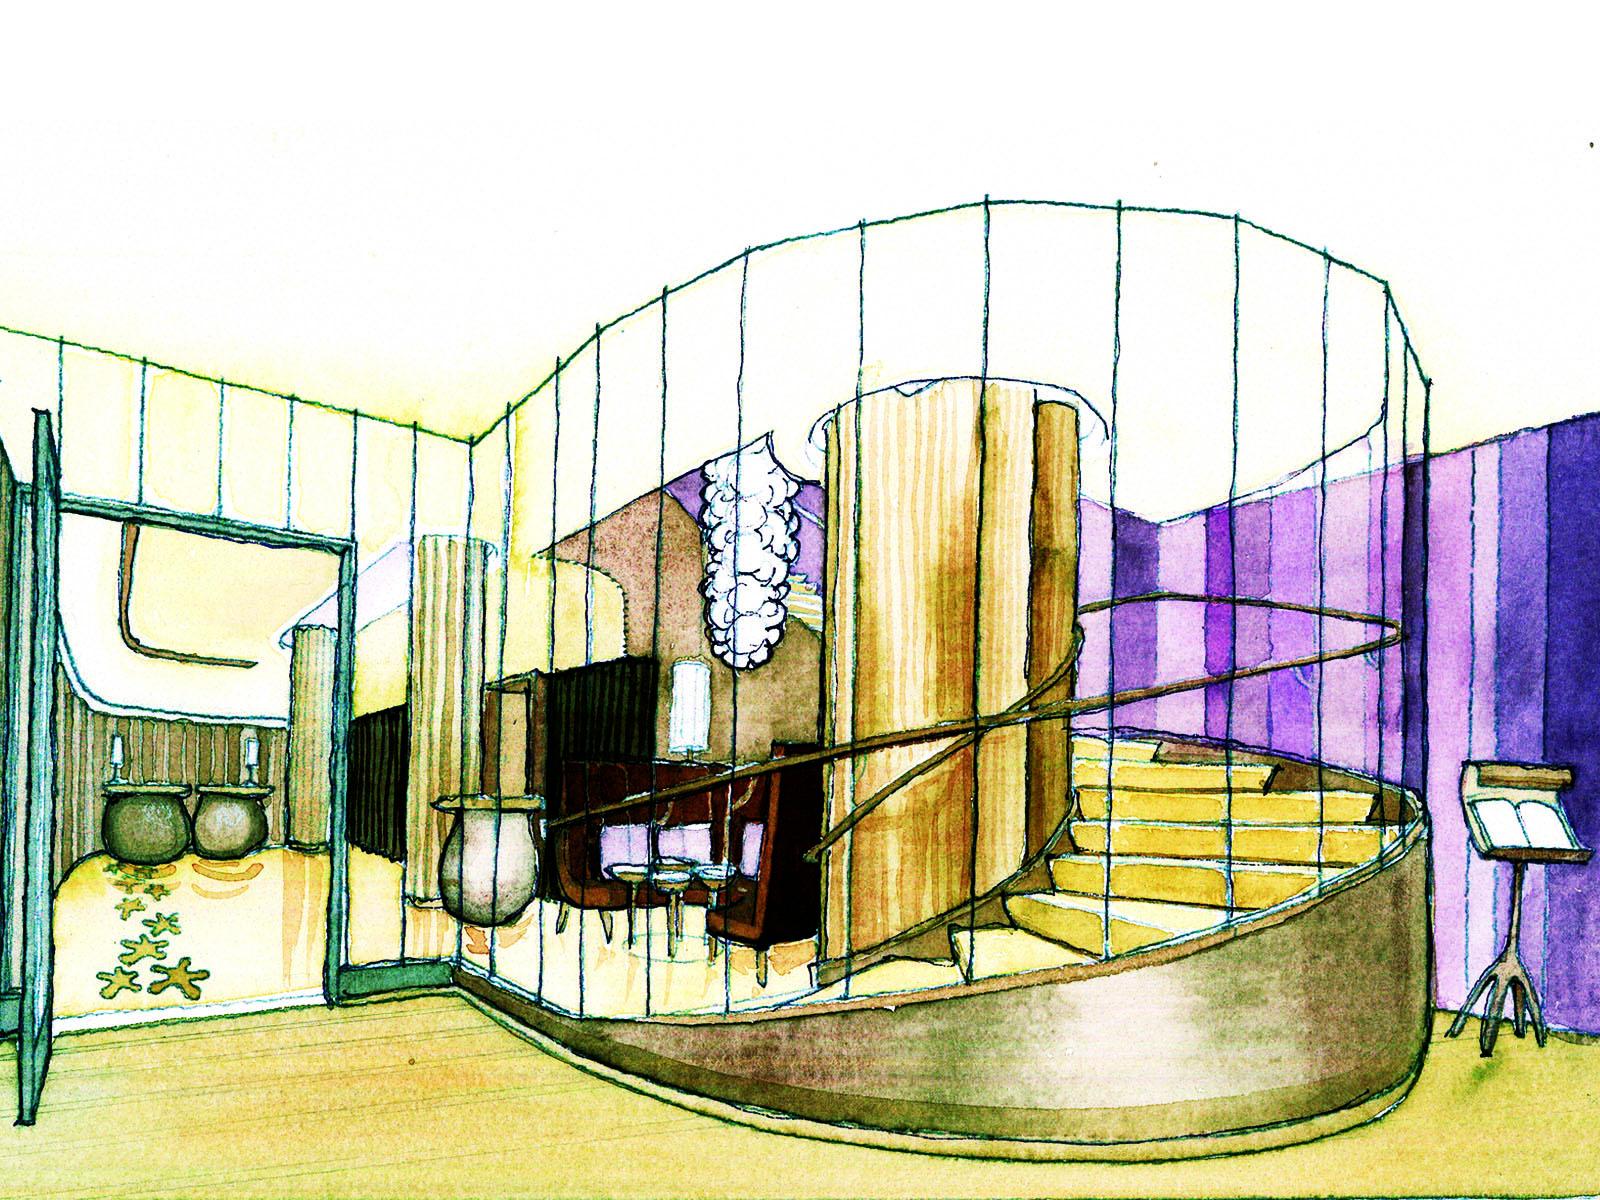 Entrance Watercolor Study